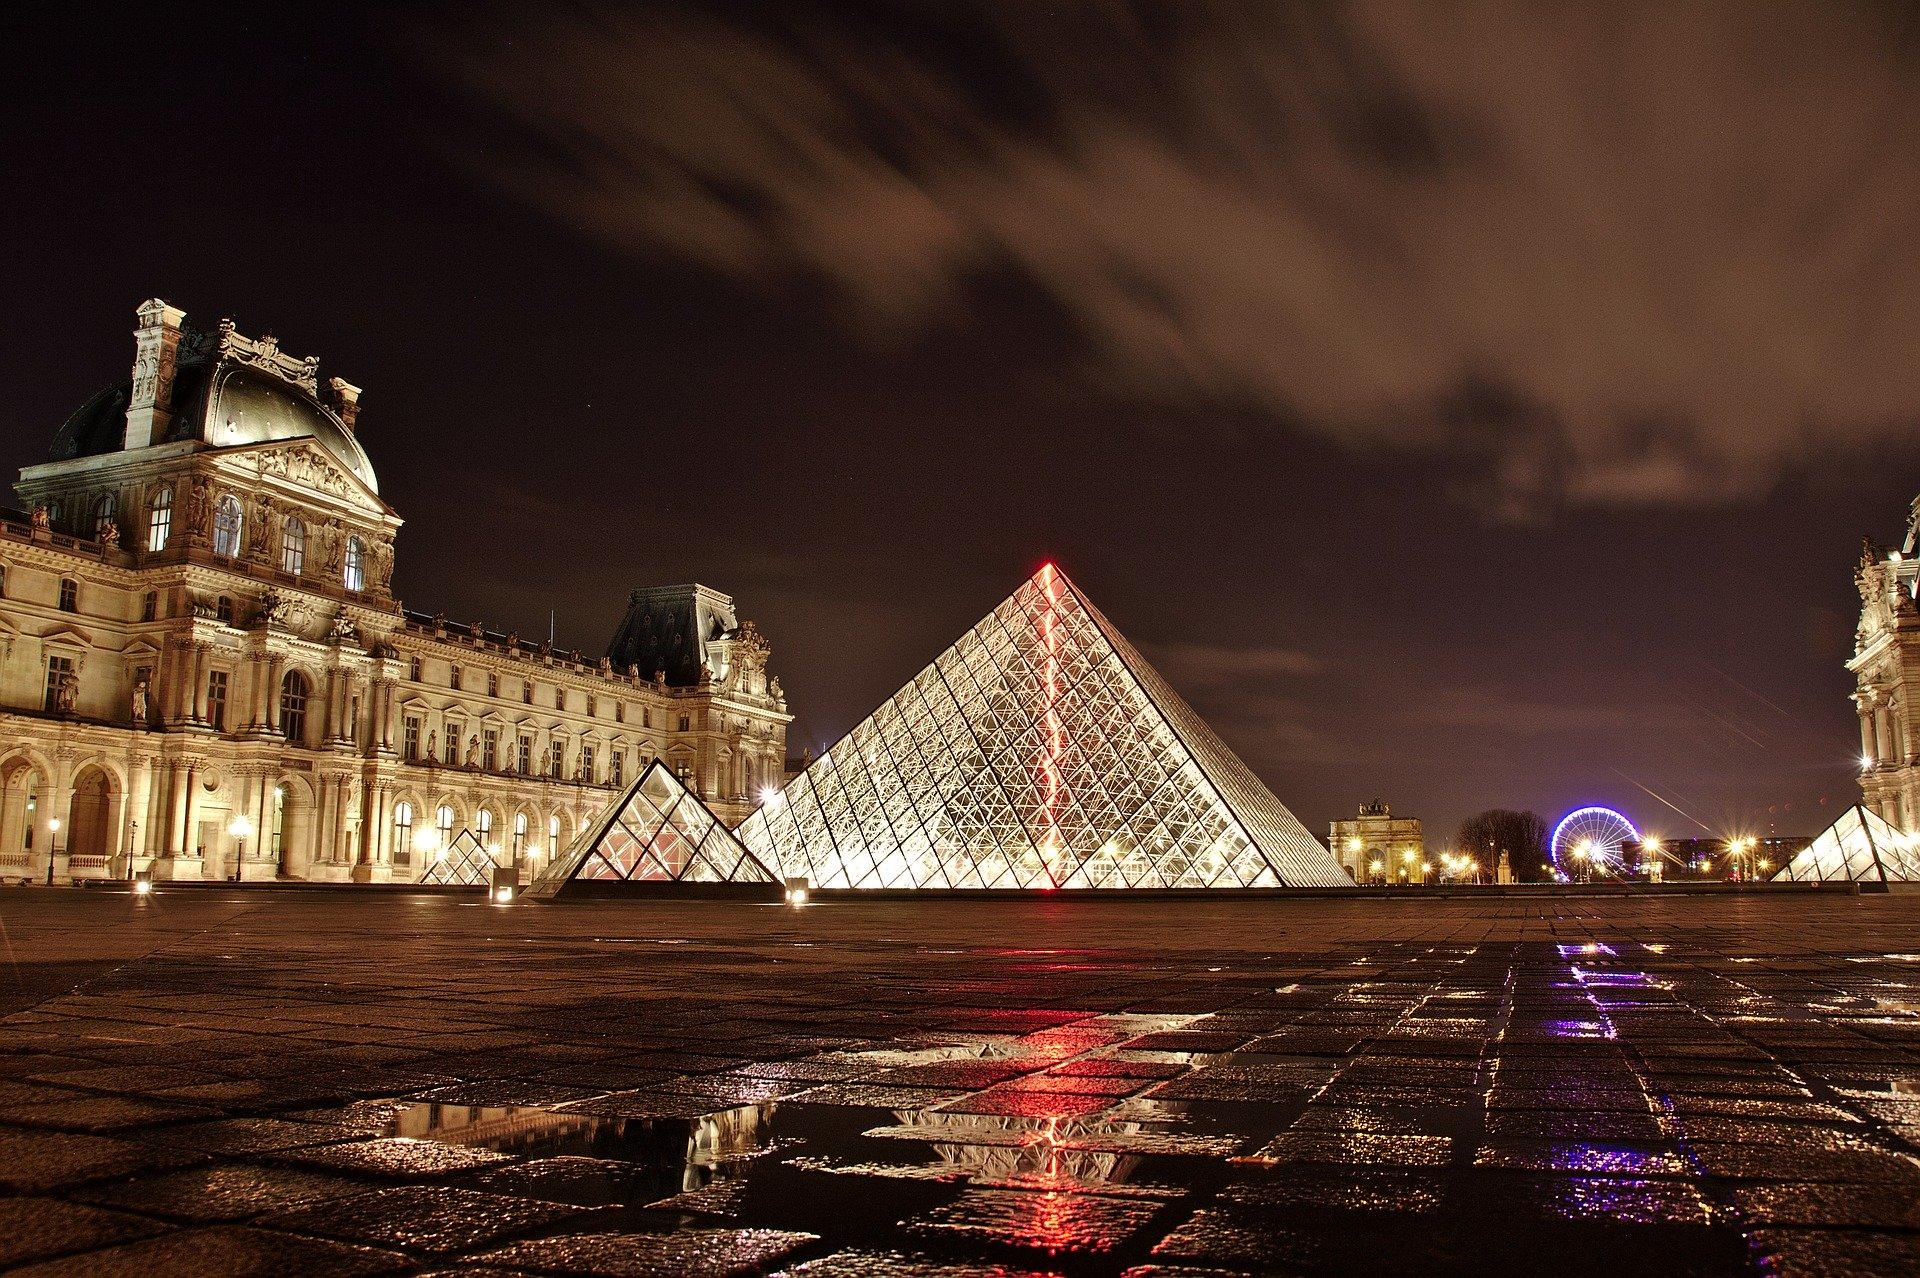 El museo Louvre rompe record con Beyonce y Jay-Z